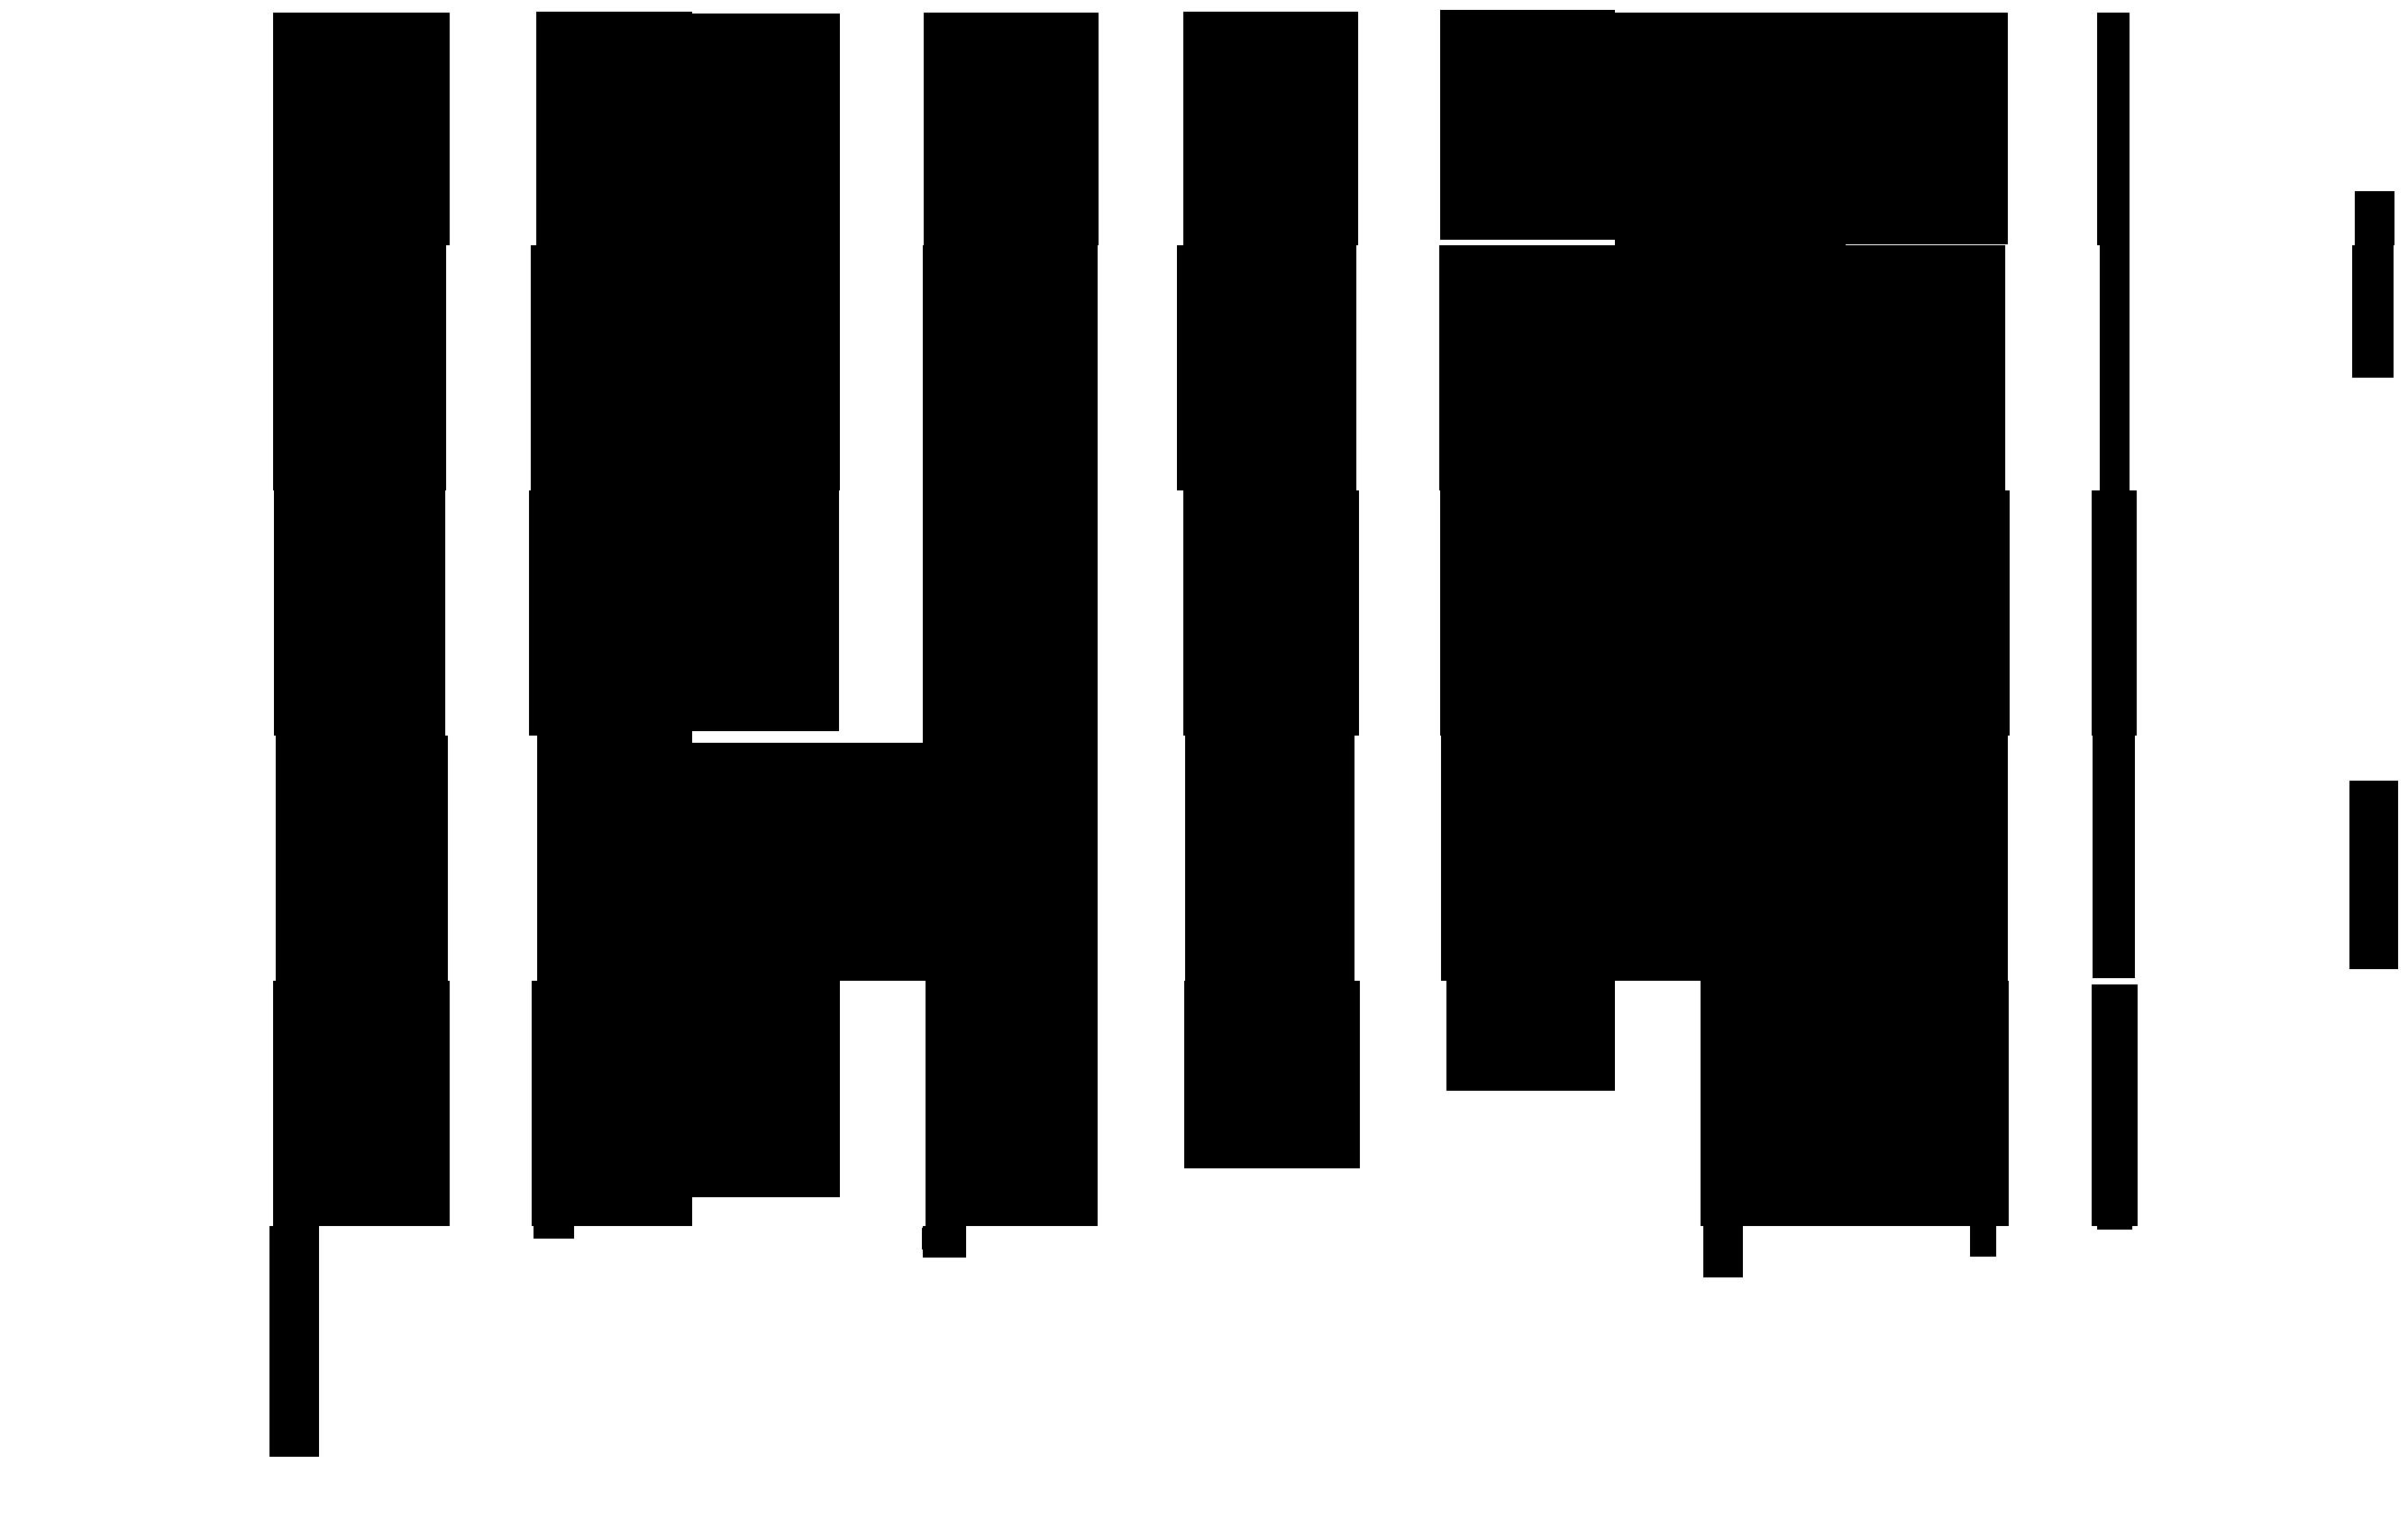 徳島短歌130621